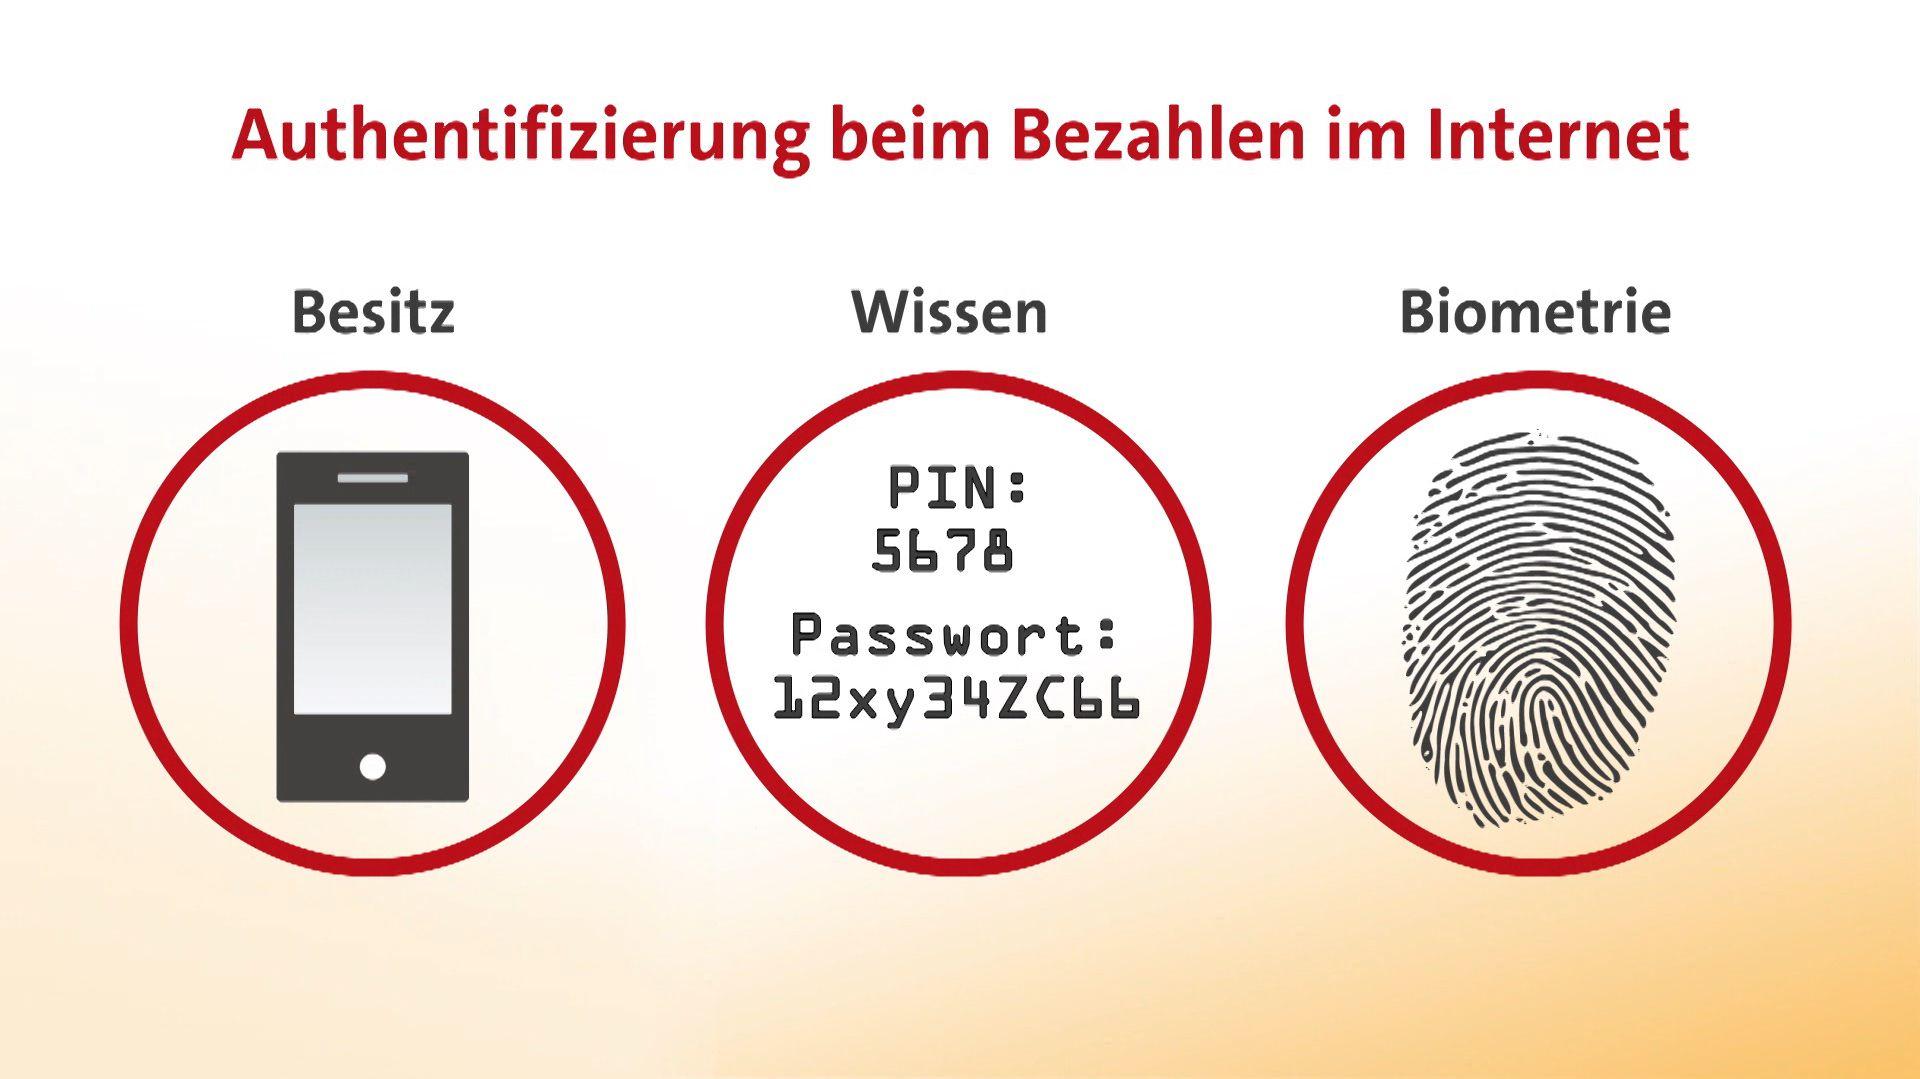 Icons der drei Sicherheitsmerkmale für die Authentifizierung beim Bezahlen im Netz: Besitz, Wissen und Biometrie.